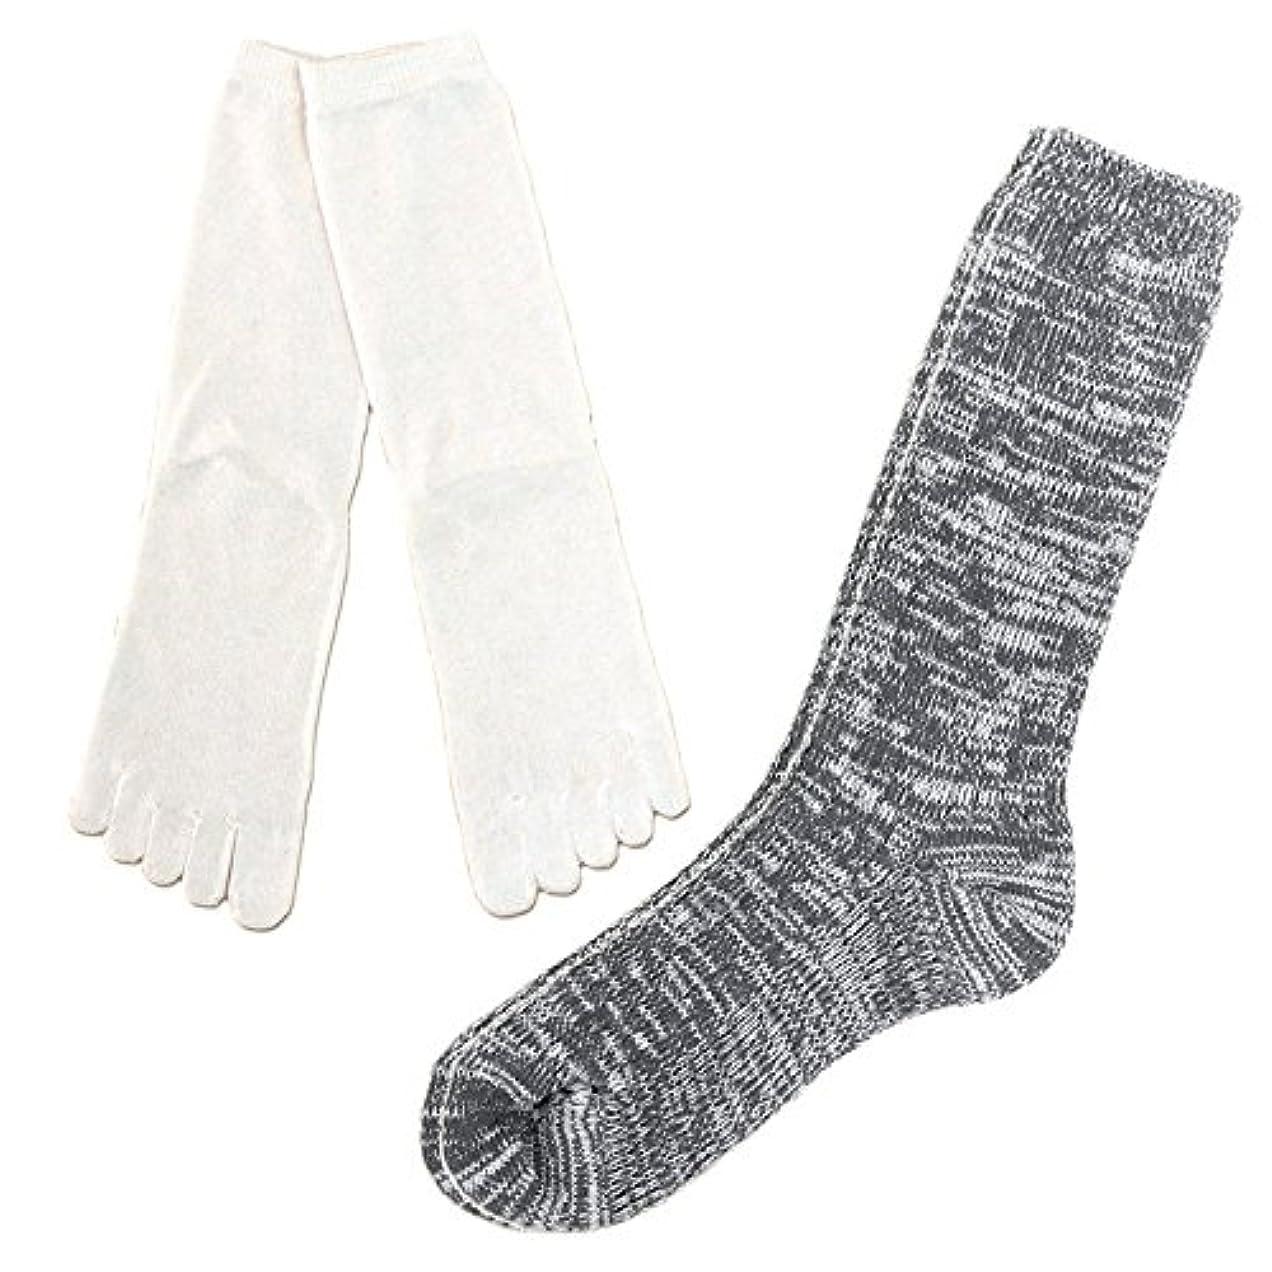 女性コンチネンタル受動的シルク 5本指 & コットン リブ ソックス 2足セット 重ね履き 靴下 日本製 23-25cm (グレー杢)